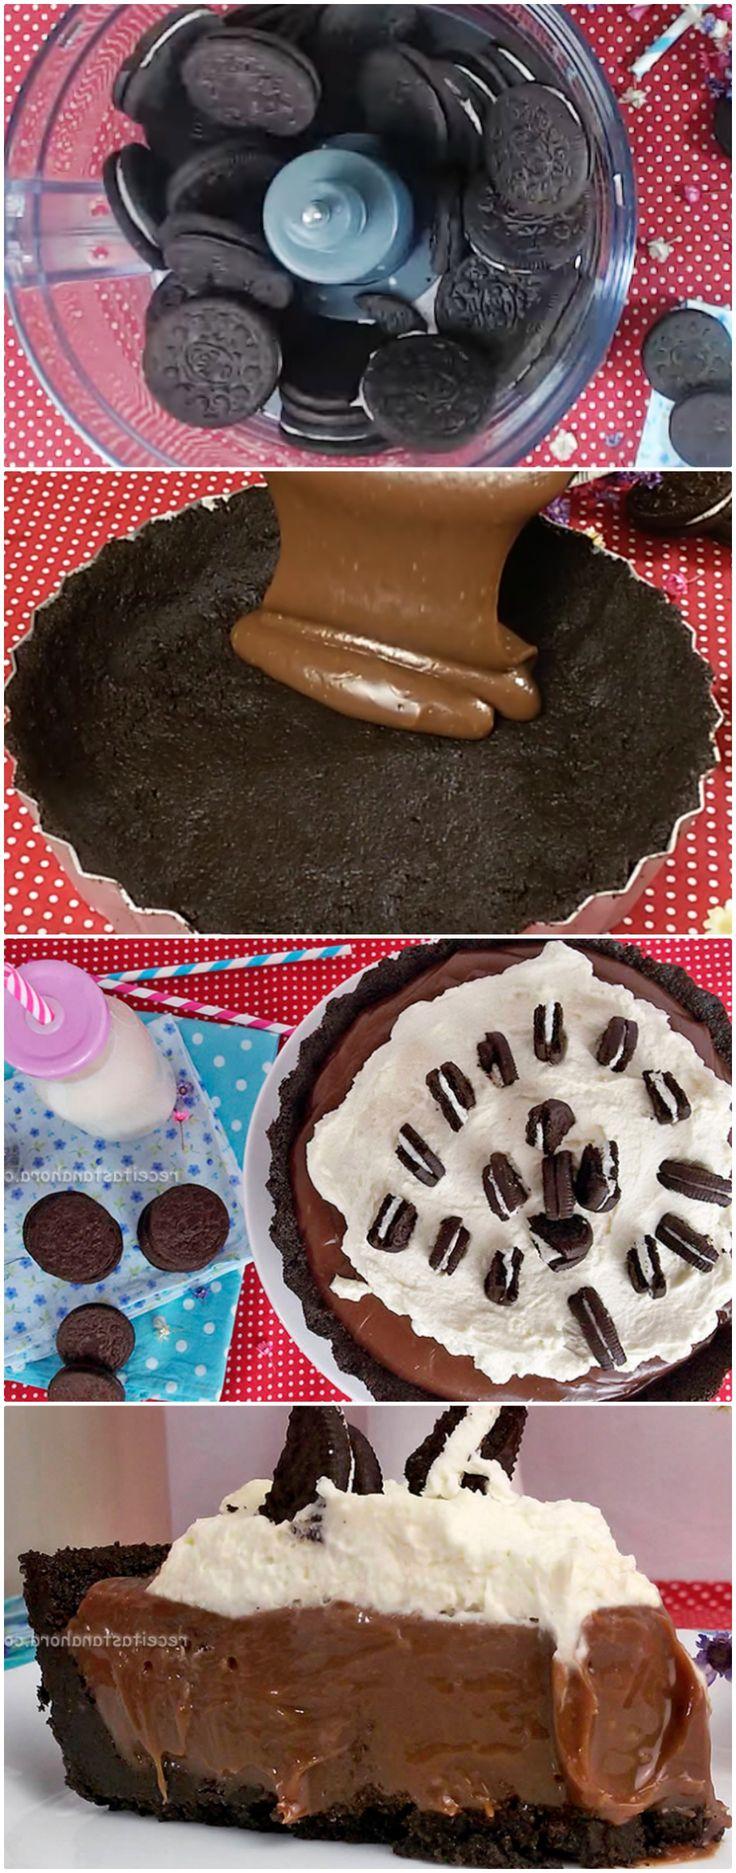 Aprenda fazer uma deliciosa Torta Oreo com Brigadeiro #oreo #tortadeoreo #sobremesadeoreo #sobremesa #sobremesas #doce #doces